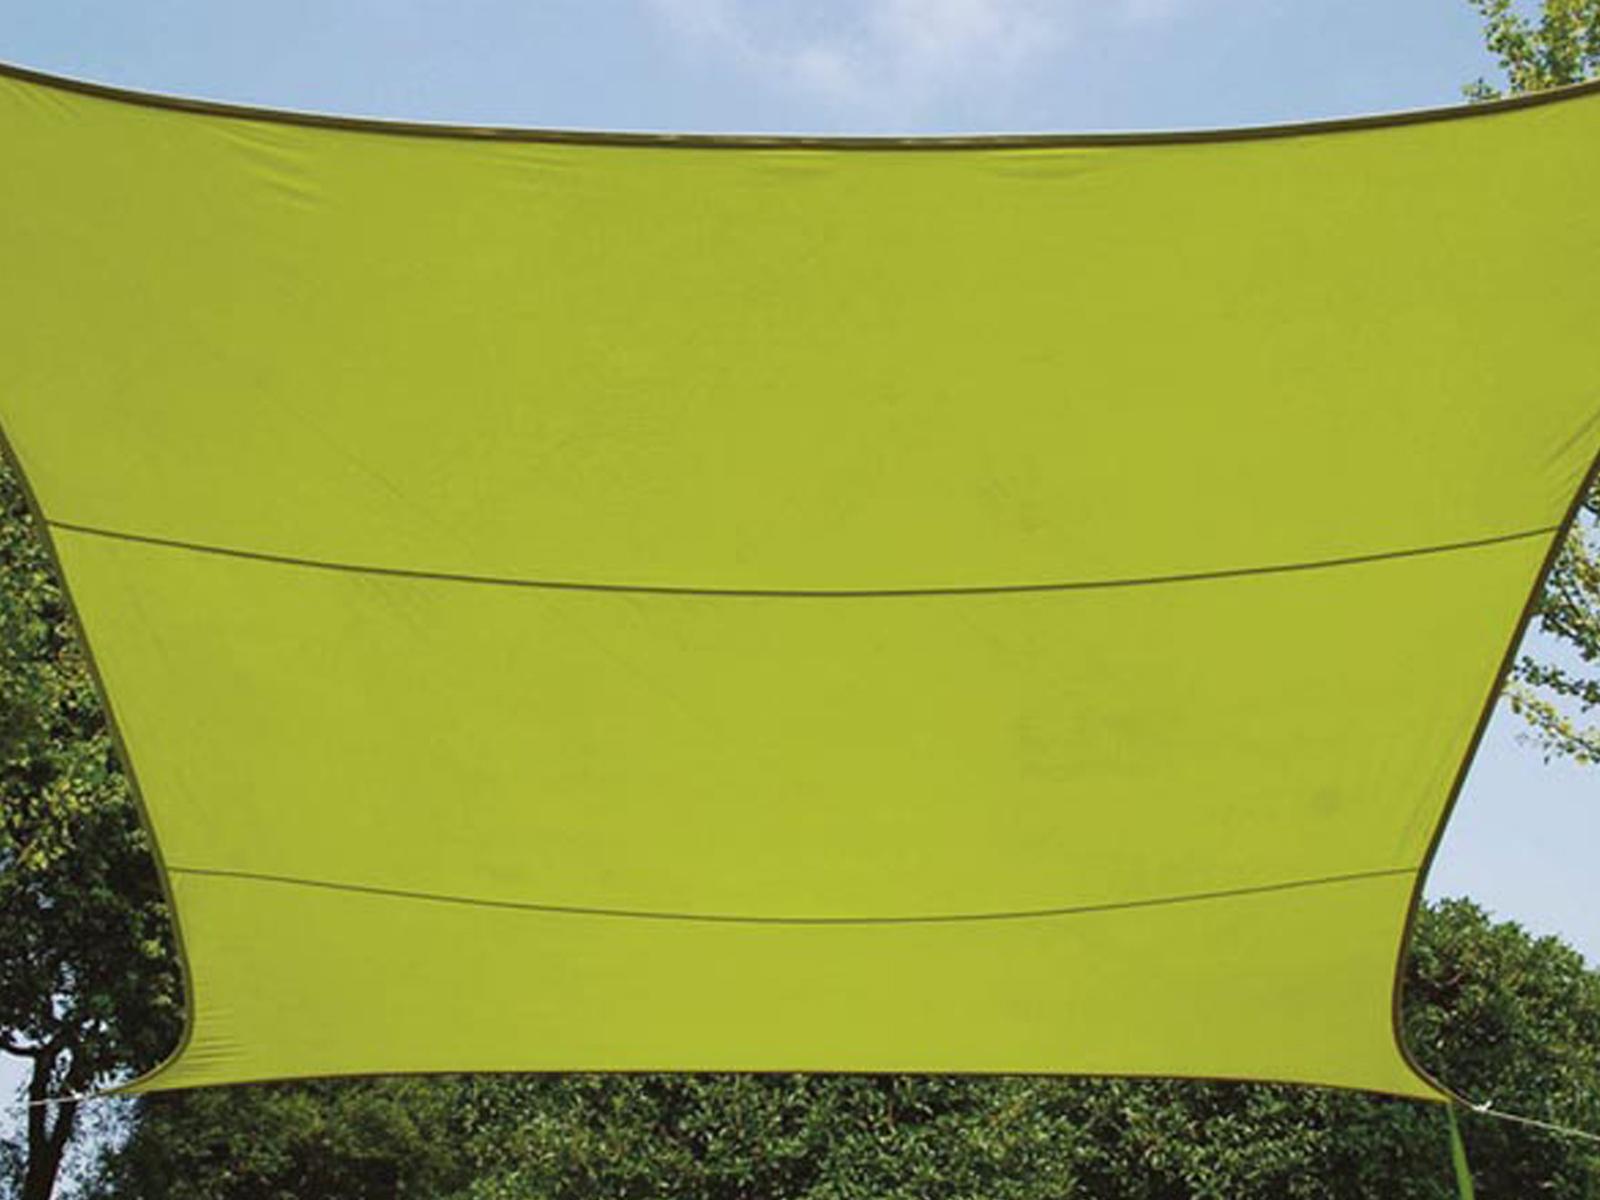 Sonnensegel Regenschutz PEREL, Lime green, 500 x 500 cm, Wasserabweisend